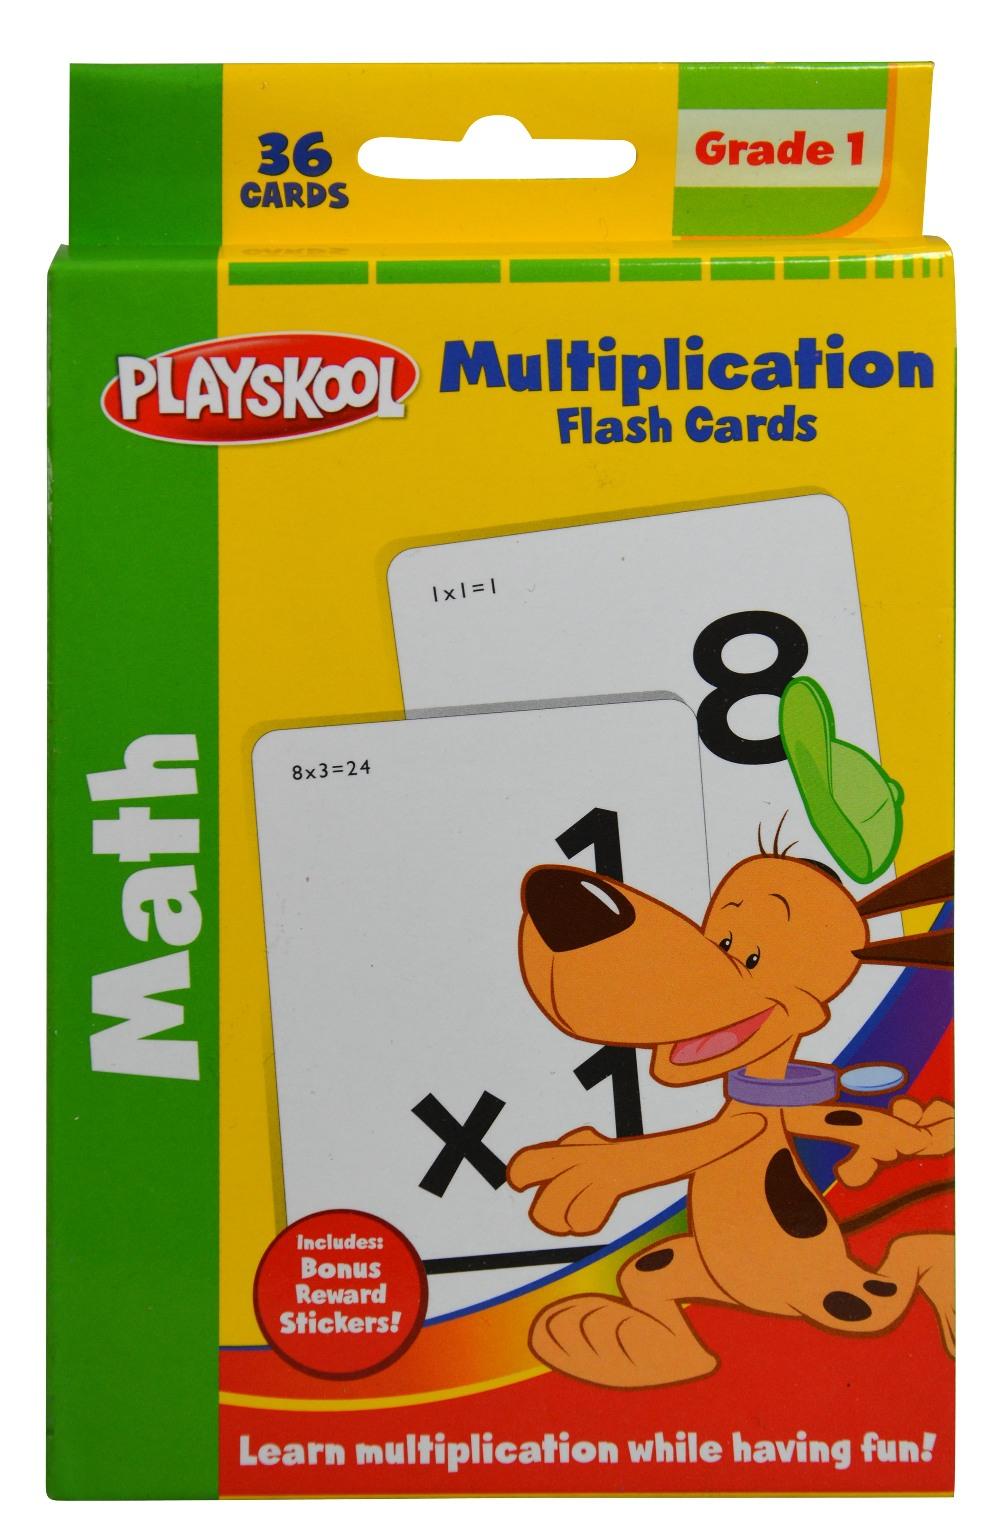 Playskool Multiplication Flashcards